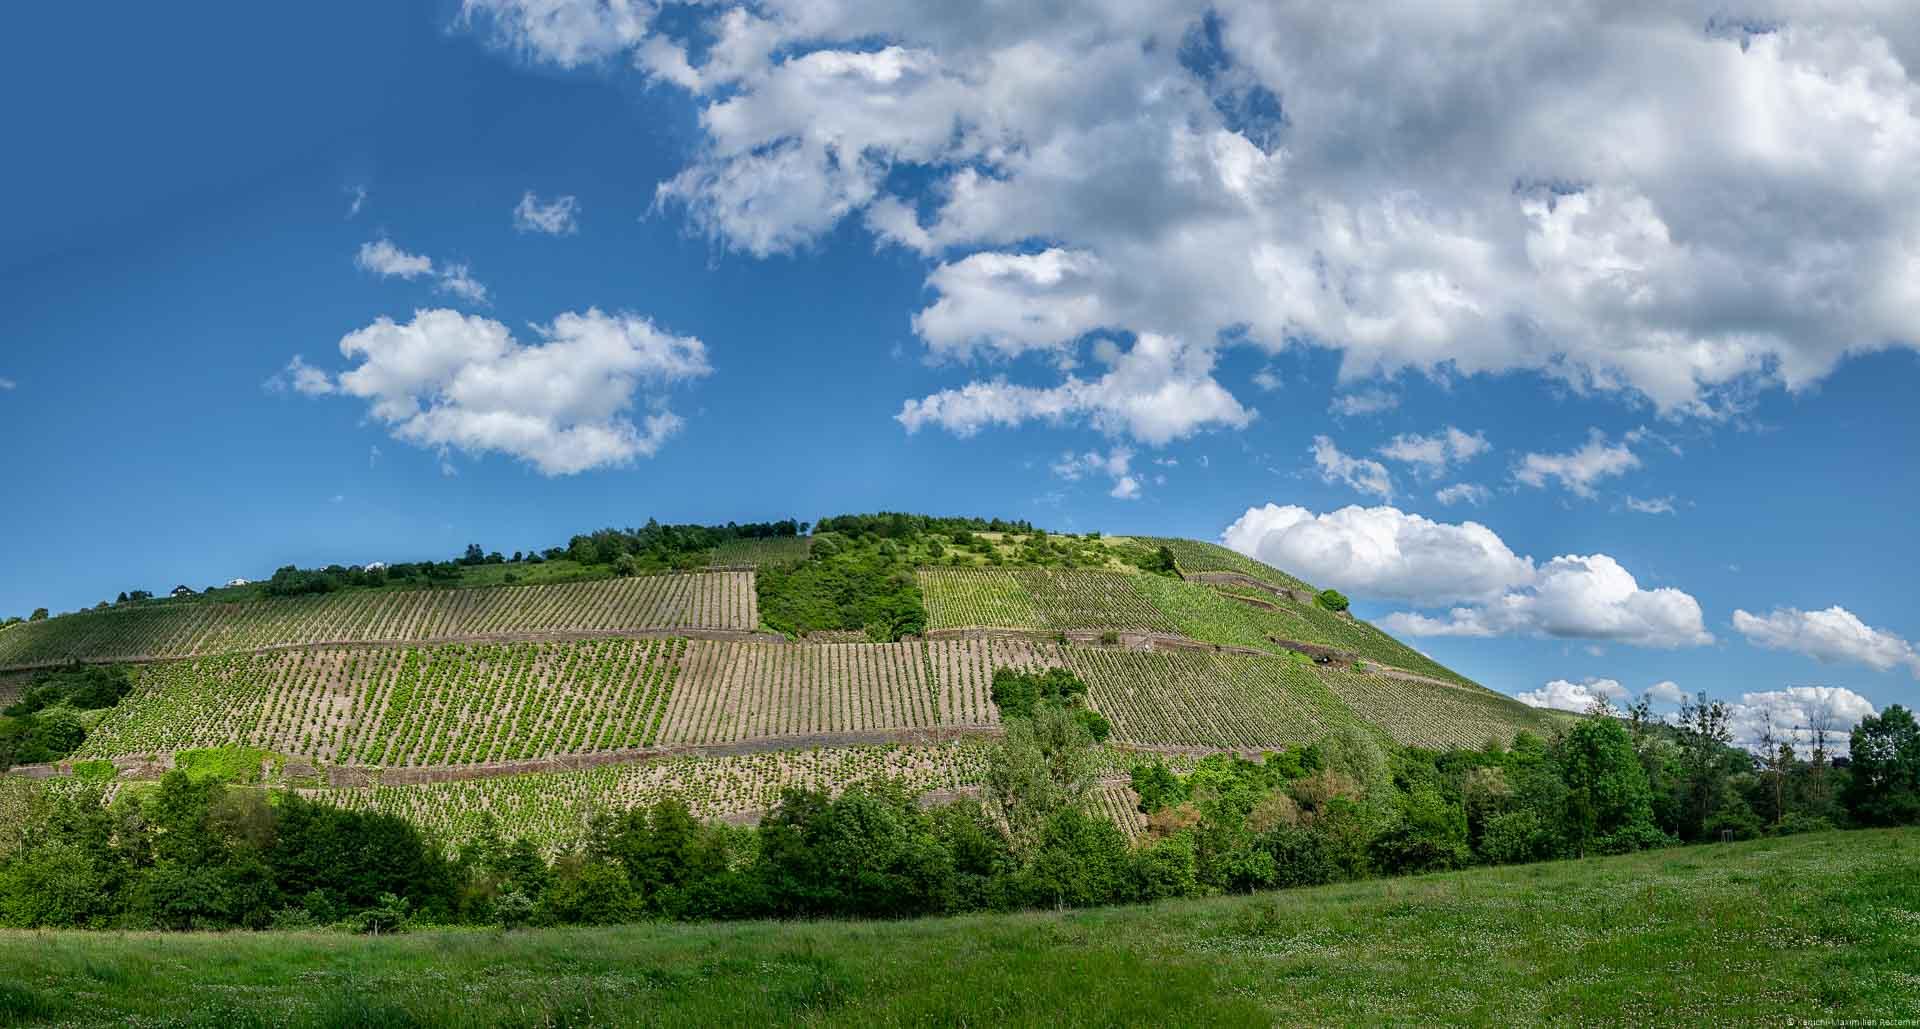 Das Mertesdorfer Mäuerchen liegt am unteren Ende des Berges in der Mitte des Bildes. Vorne ist eine Wiese. Der Himmel ist blau und zum Teil bewölkt.